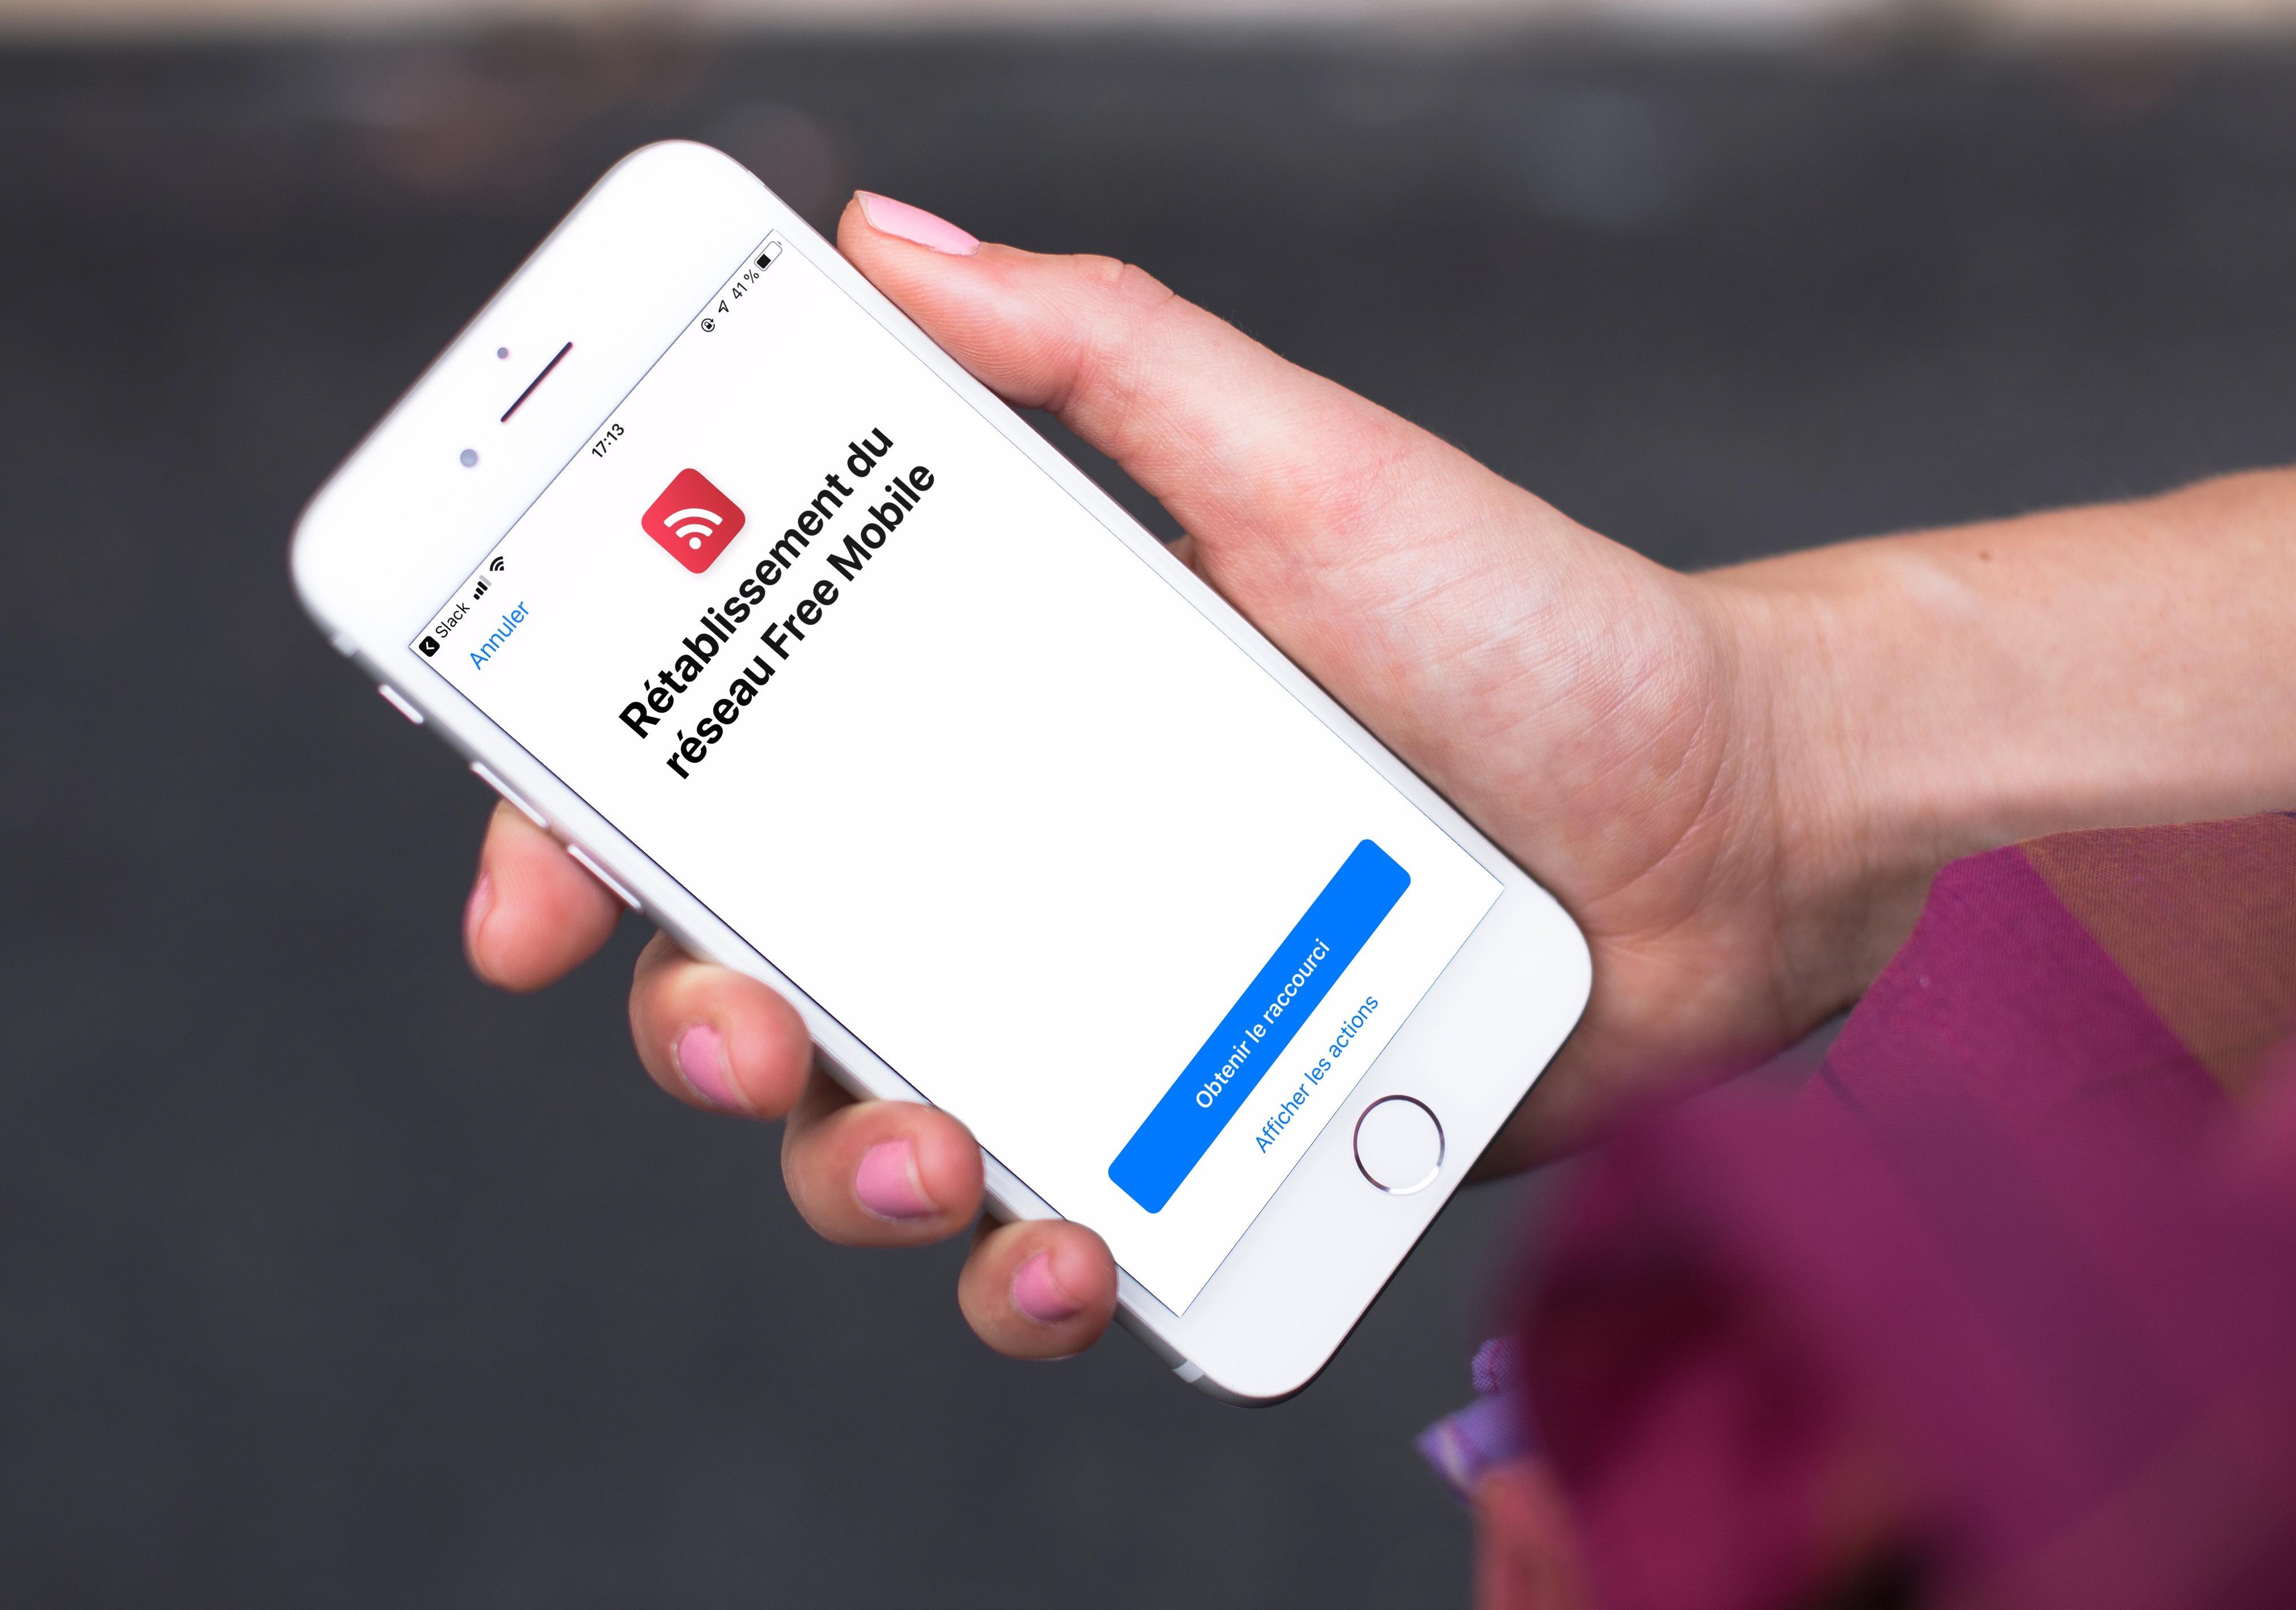 Clients Free Mobile : un raccourci et bientôt une app pour éviter l'itinérance et ses débits ralentis 1